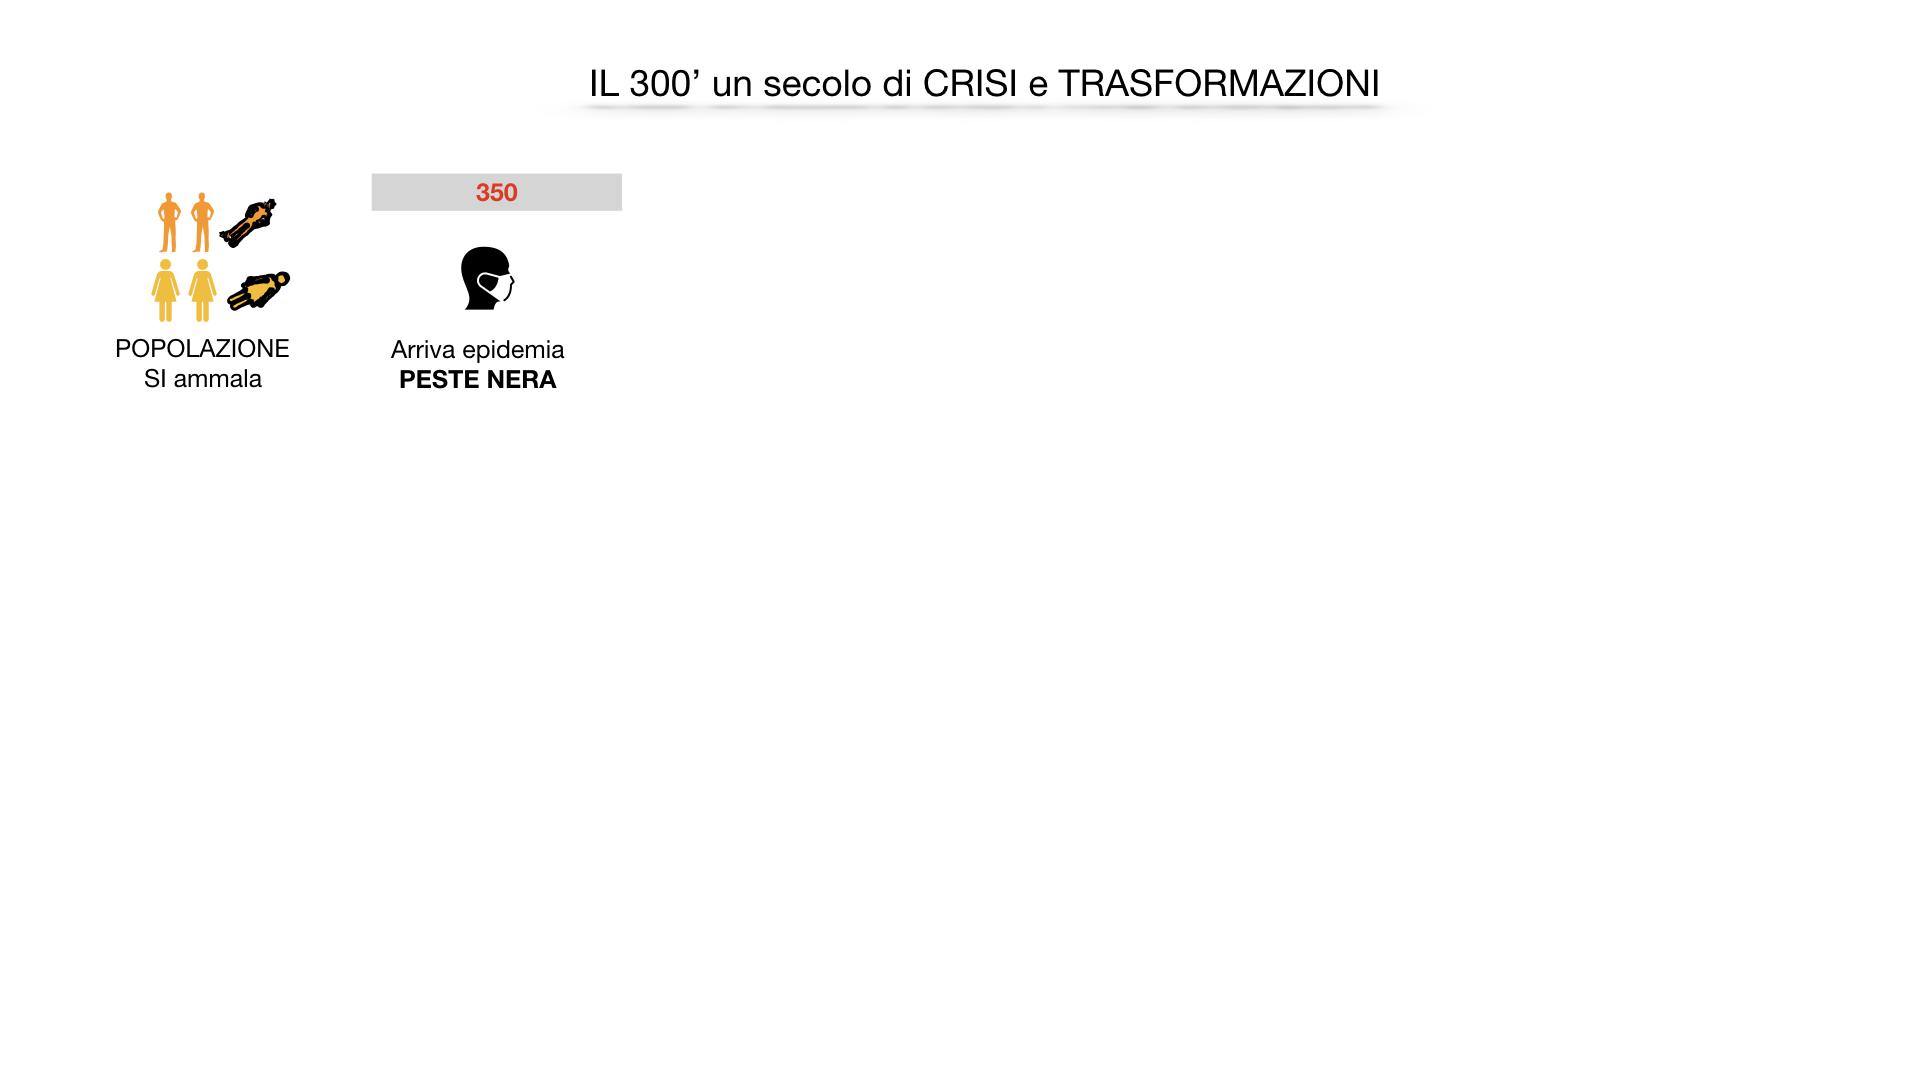 il 300 crisi e trasformazioni_ SIMULAZIONE.018